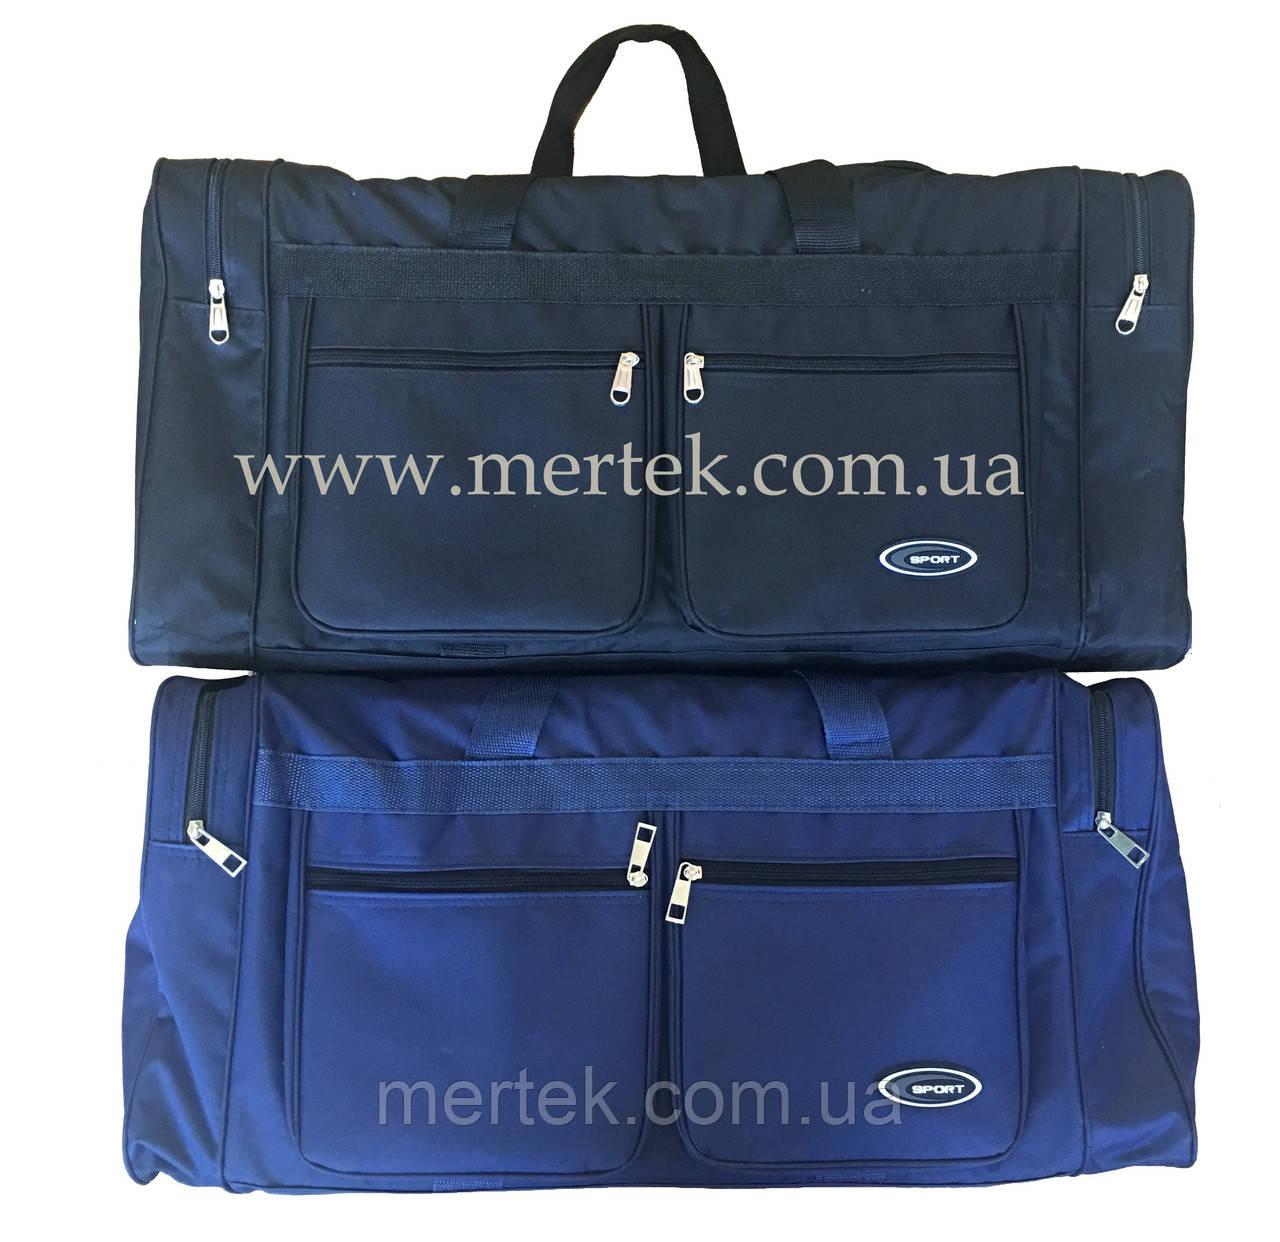 8a77c11fad8f Большая дорожная сумка 70 см - MERTEK Оптовый Интернет Магазин  Кожгалантерея в Одессе